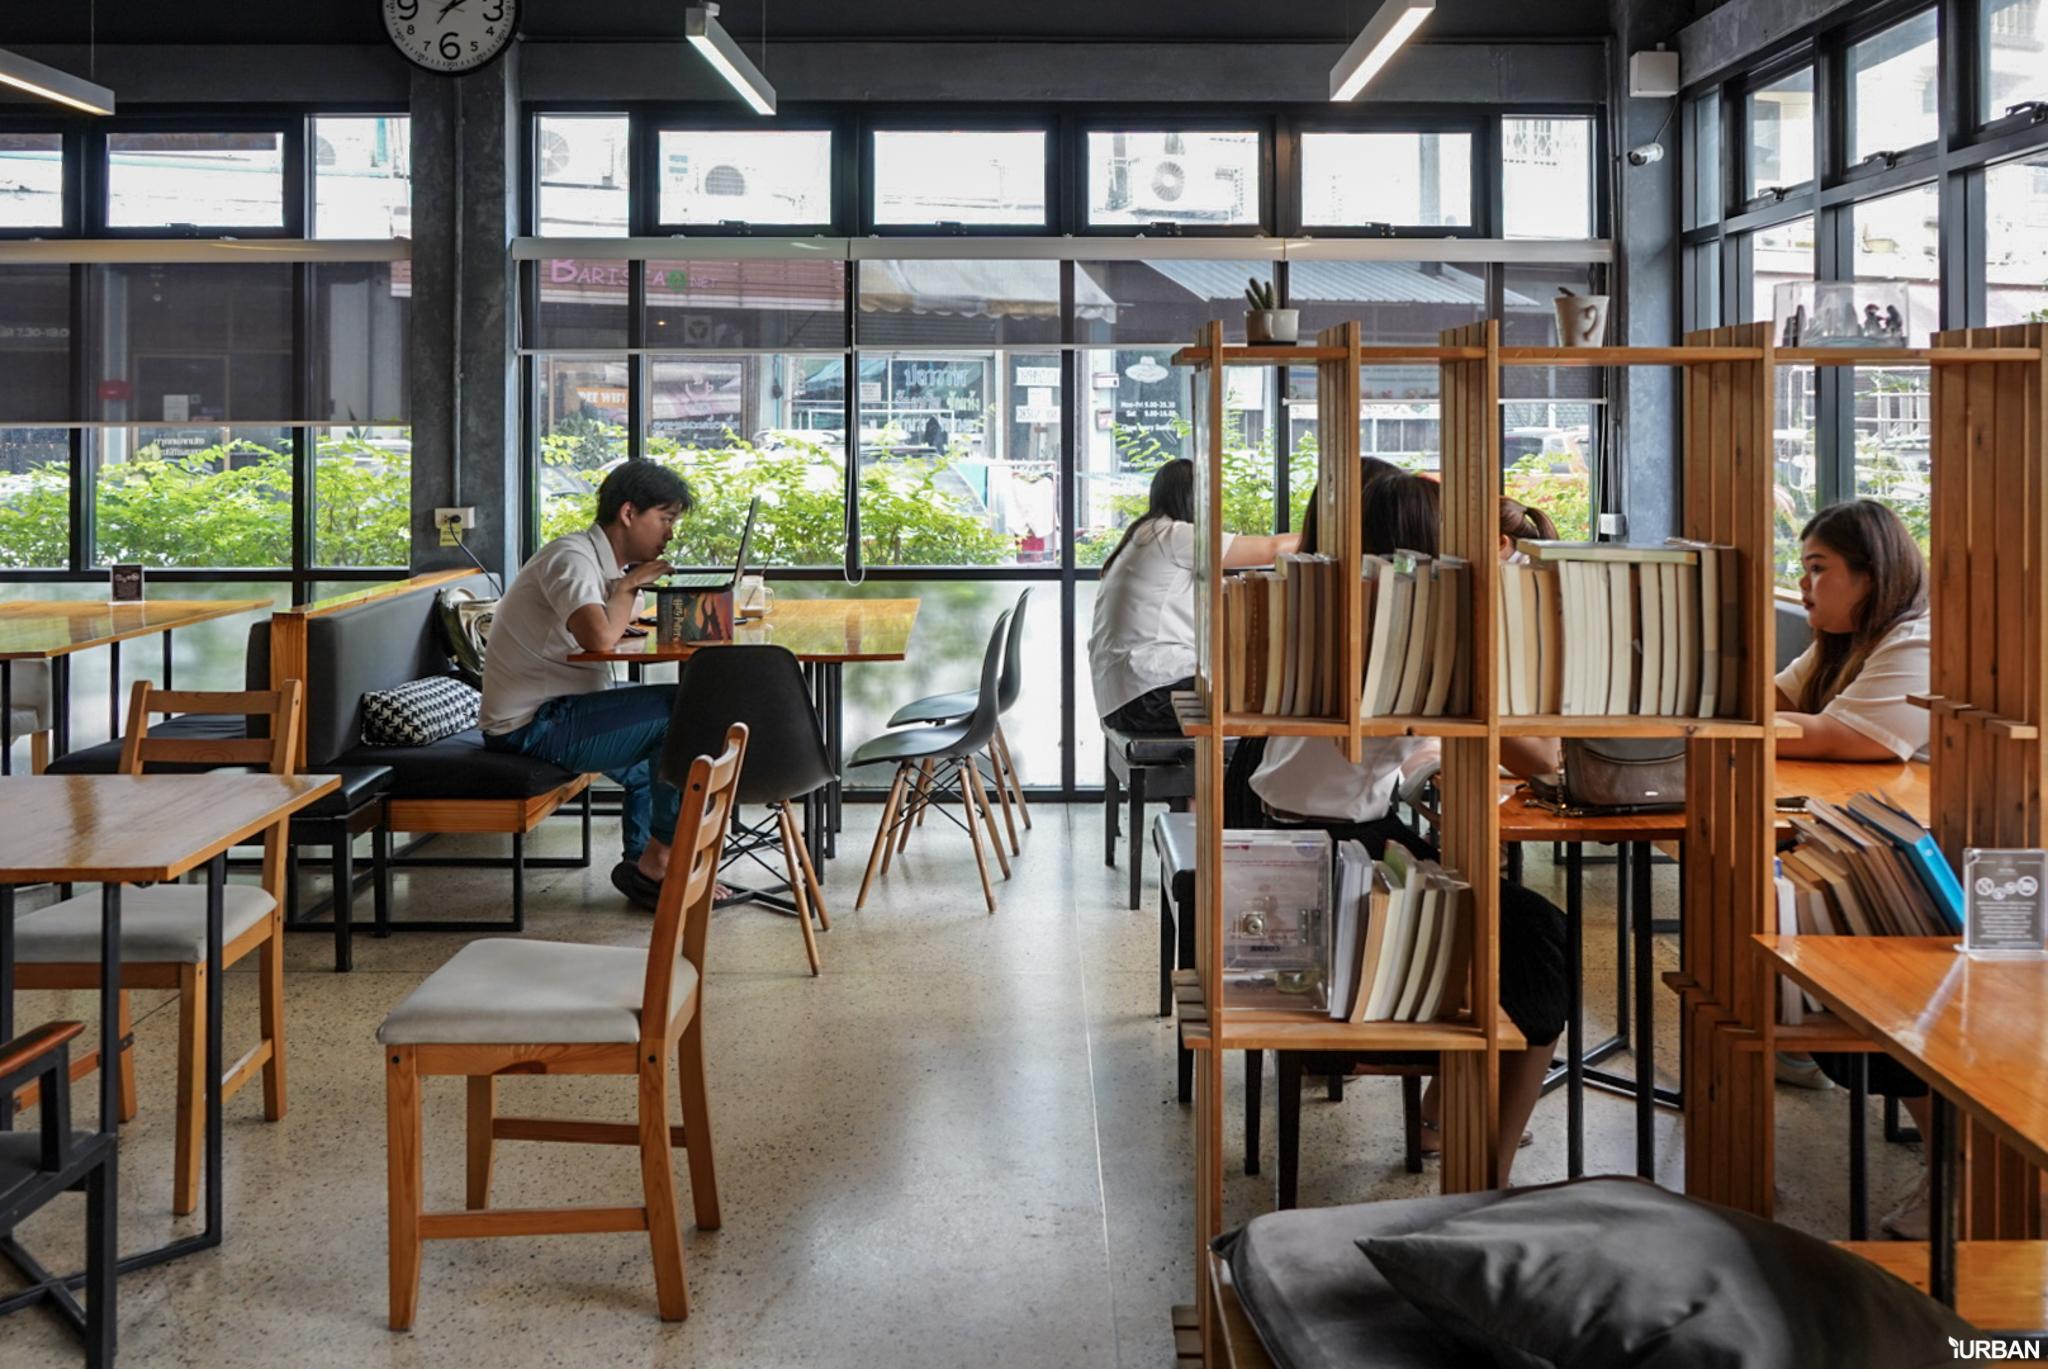 14 ร้านกาแฟ ม.เกษตร คาเฟ่สไตล์นักศึกษาและคนทำงาน + สำรวจ Co-Working Space ที่ KENSINGTON KASET CAMPUS (เคนซิงตัน เกษตร แคมปัส) 56 - cafe